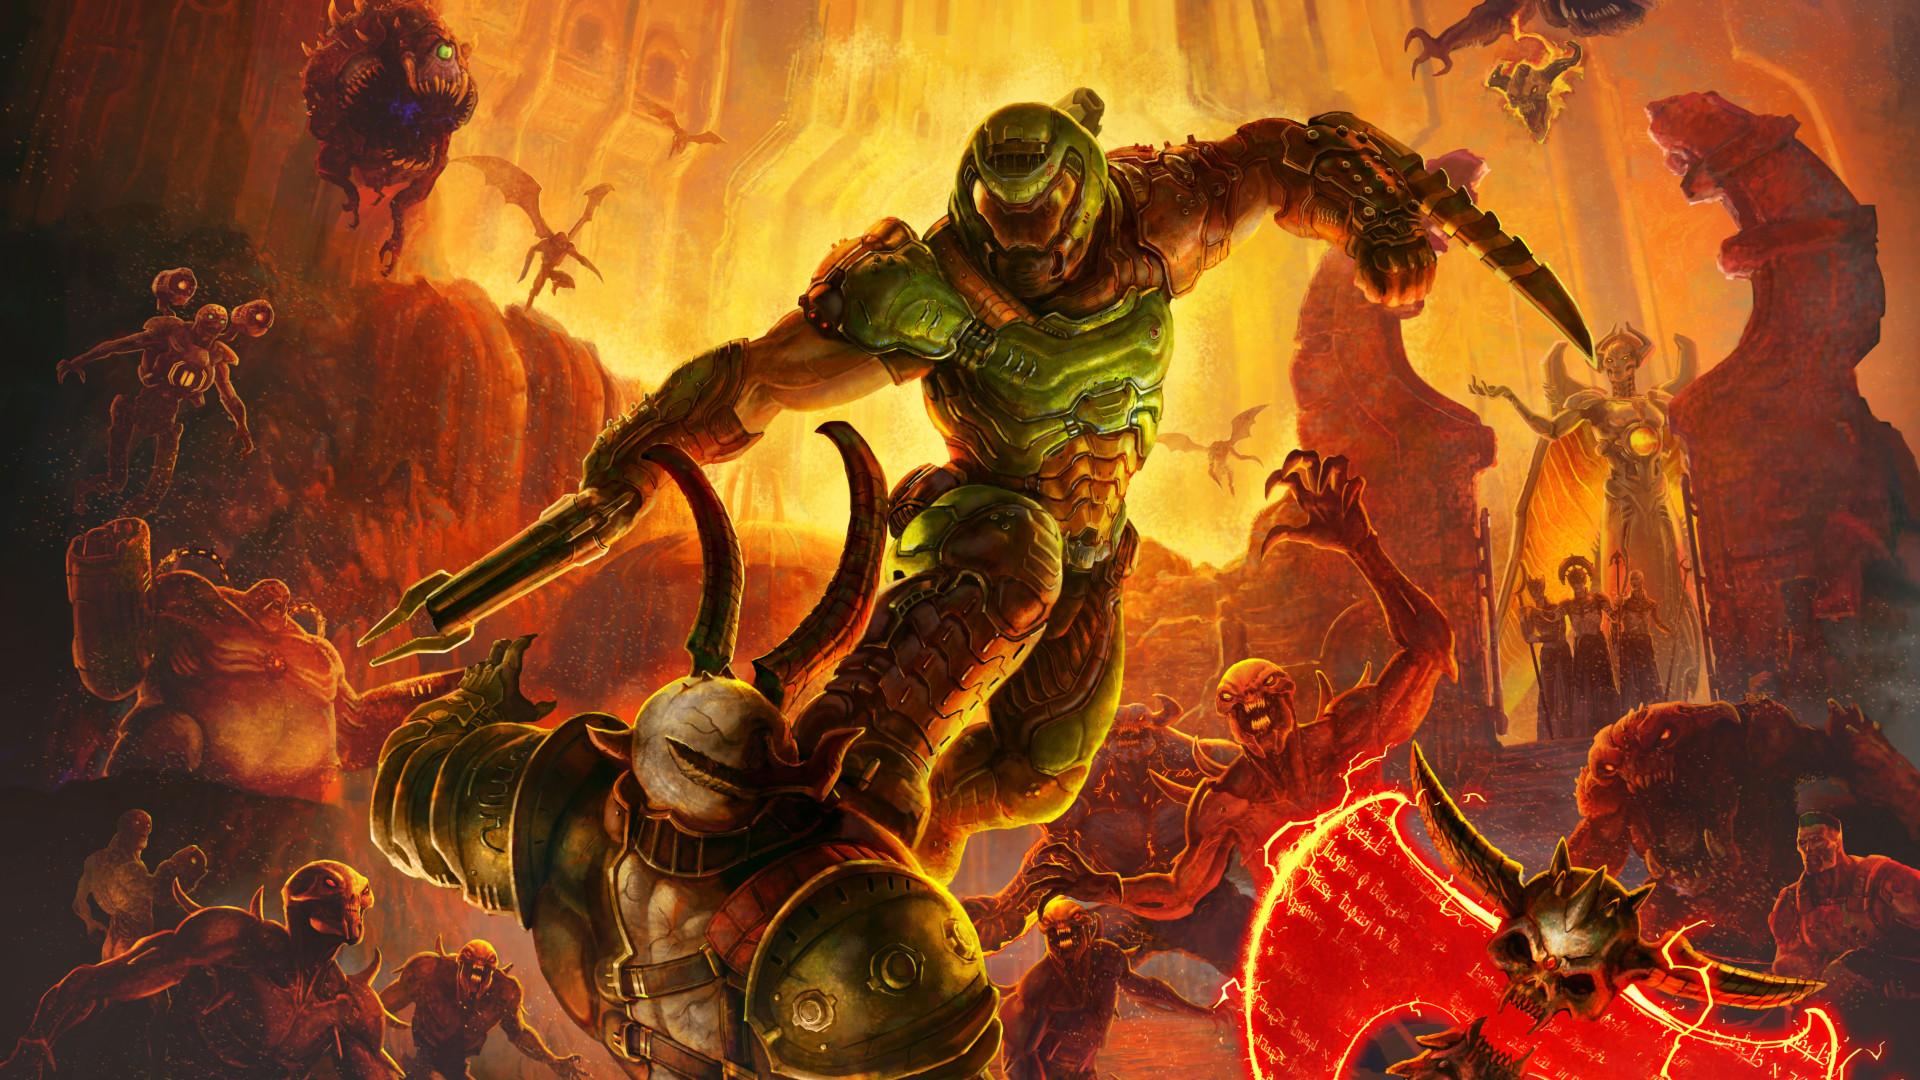 Doom Eternal sobrepasa las expectativas de Bethesda y estableció un nuevo récord en la franquicia